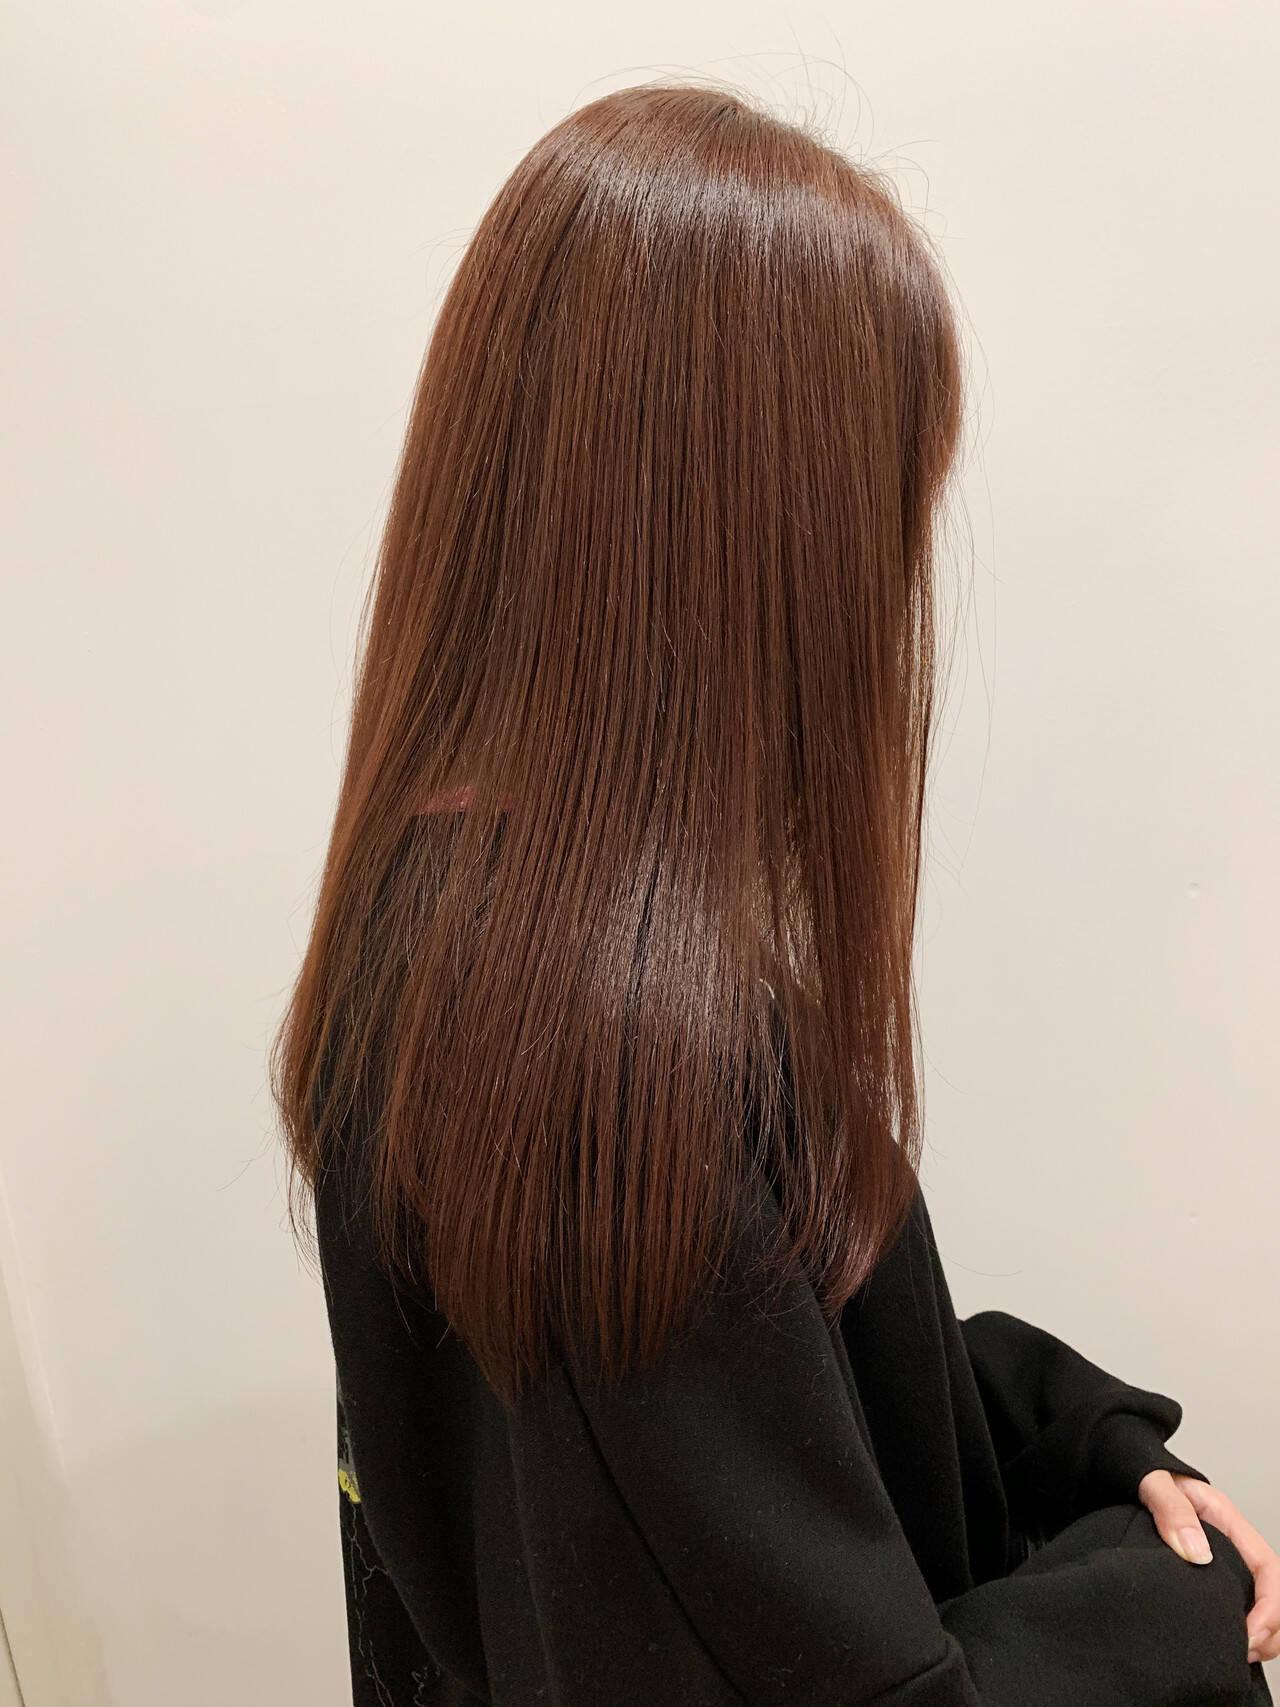 ツヤ髪 ストレート ナチュラル ロングヘアスタイルや髪型の写真・画像